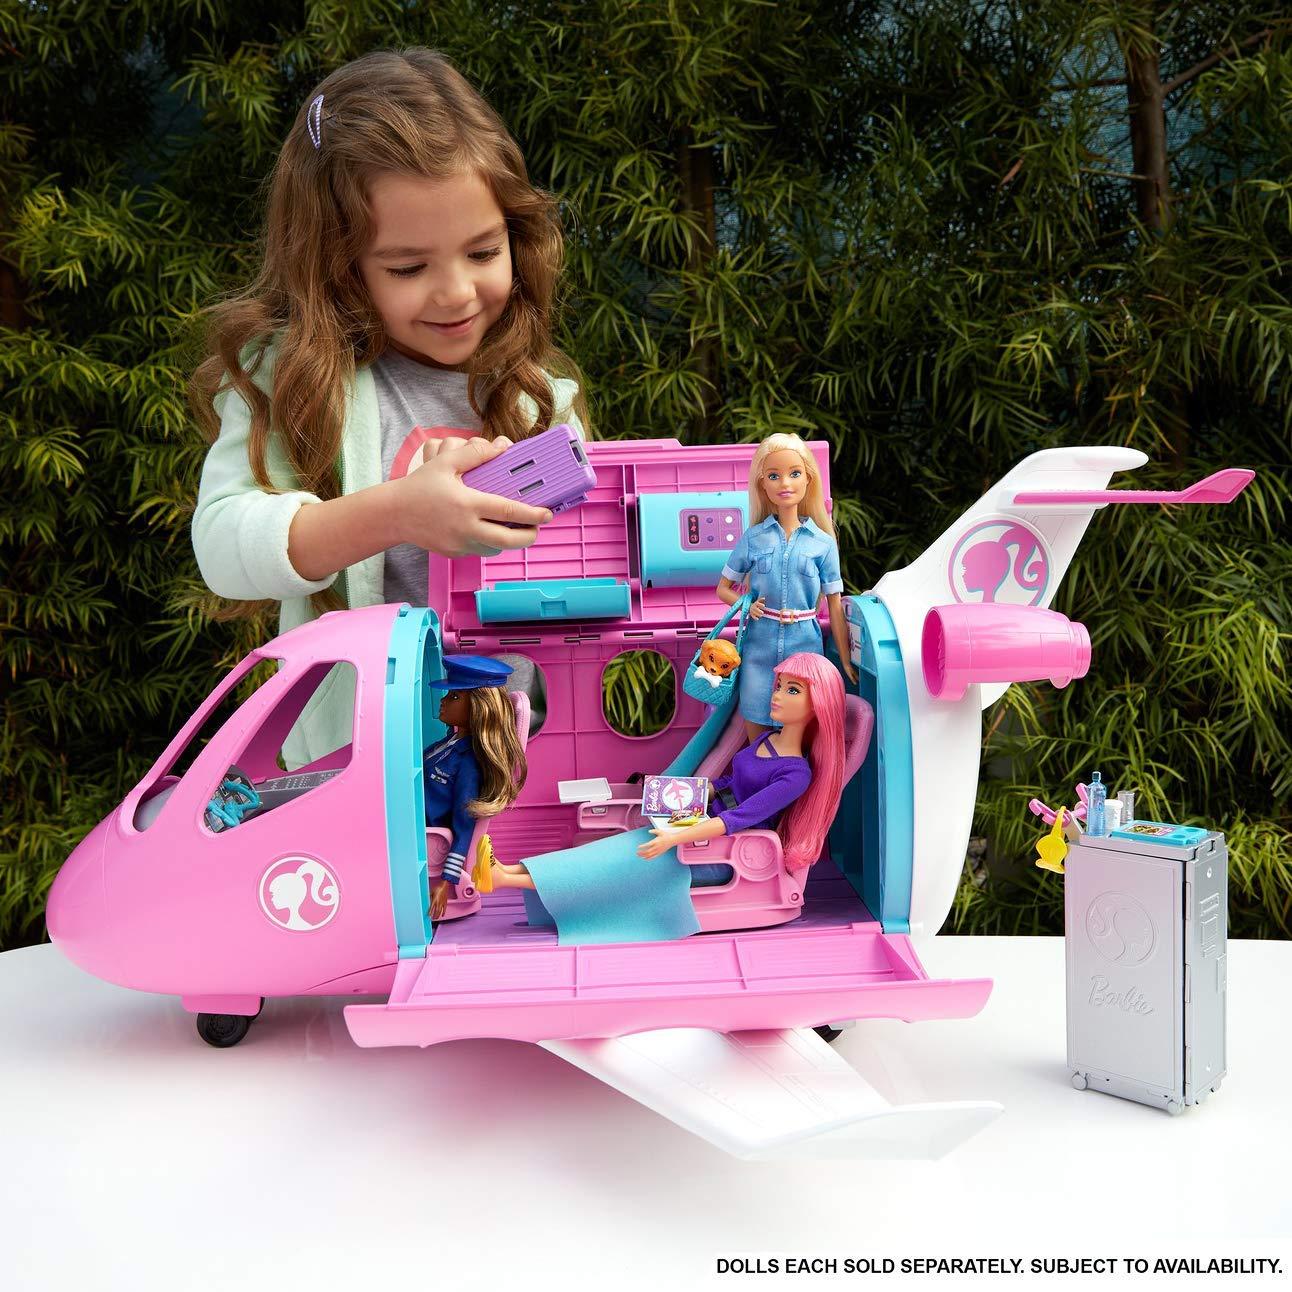 Barbie dating Spill gratis online Online kundli kamp gjør